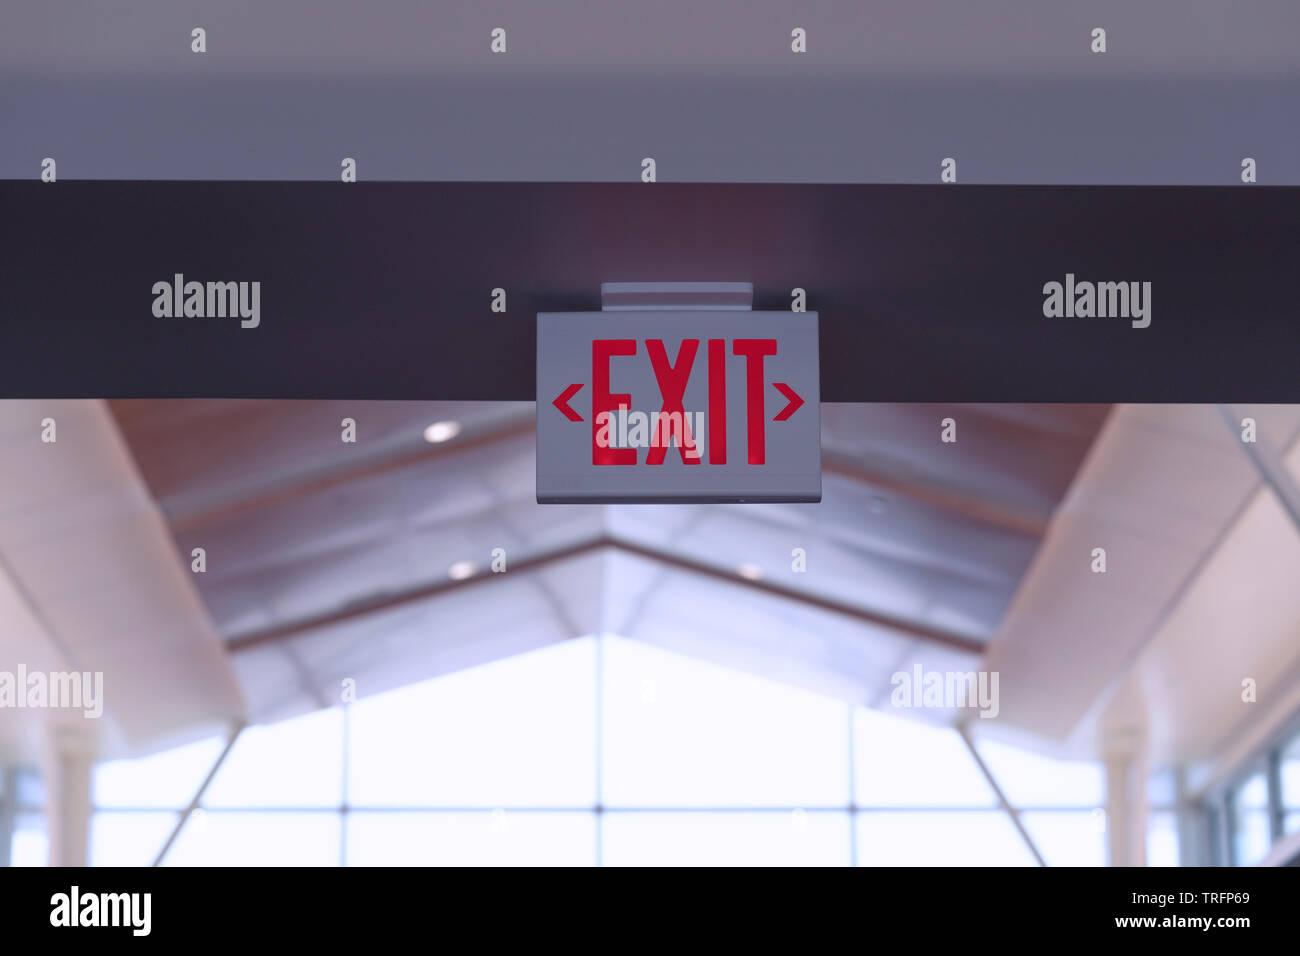 Señal de salida. Rojo fuego escapar cartel colgado en el techo en el aeropuerto. Foto de stock